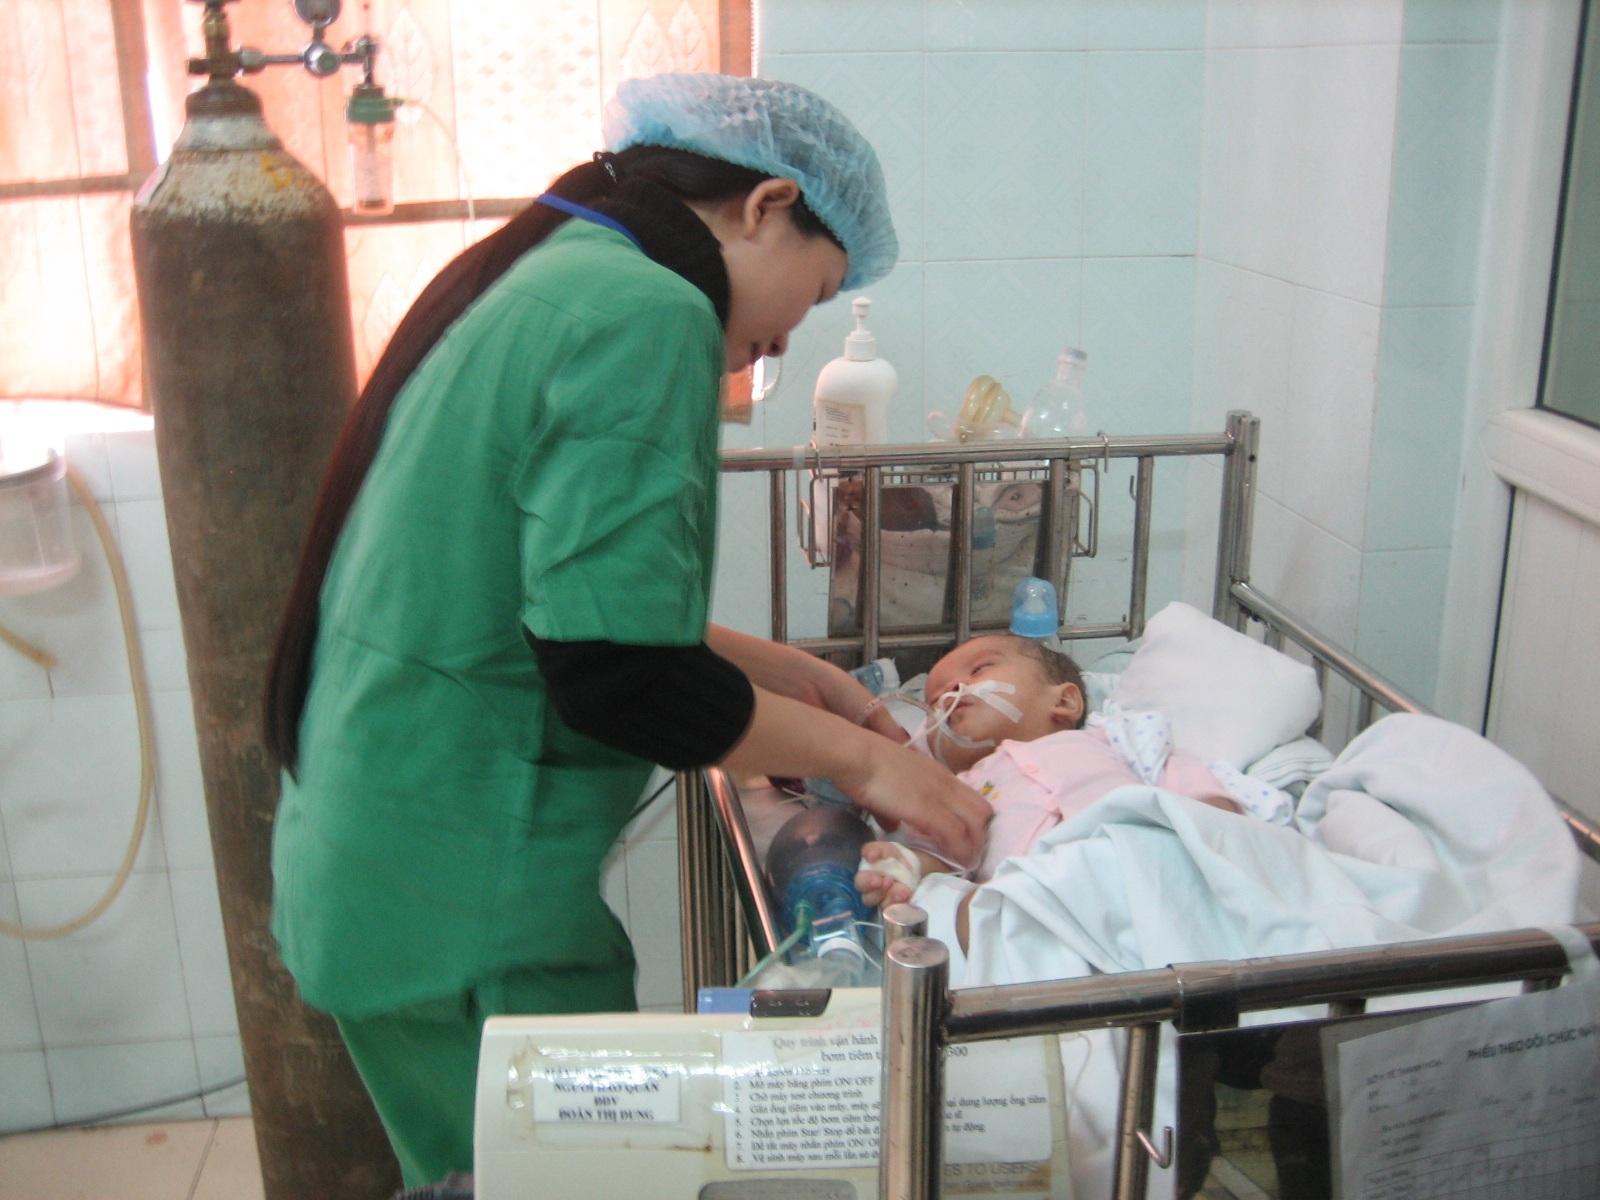 Phê duyệt kế hoạch đấu thầu Dự án: Mua vật tư – hóa chất cấp bách cho Bệnh viện Đa khoa thành phố Buôn Ma Thuột